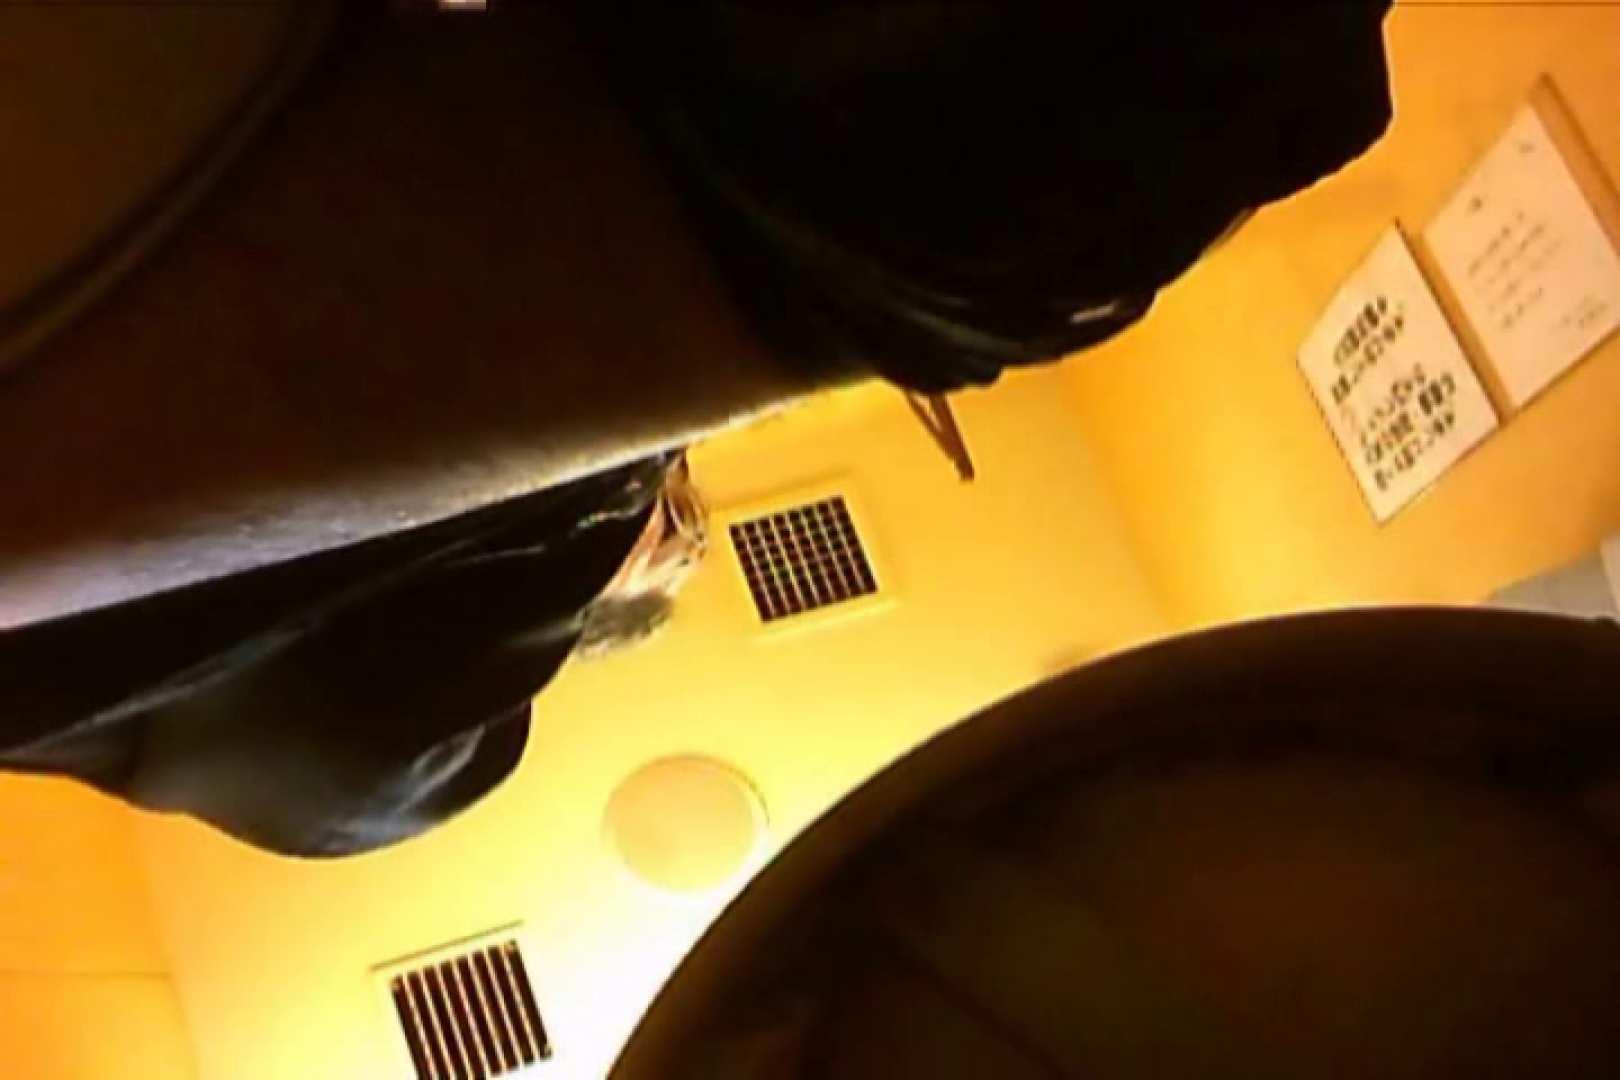 SEASON 2ND!掴み取りさんの洗面所覗き!in新幹線!VOL.04 完全無修正でお届け   ノンケボーイズ  64pic 51